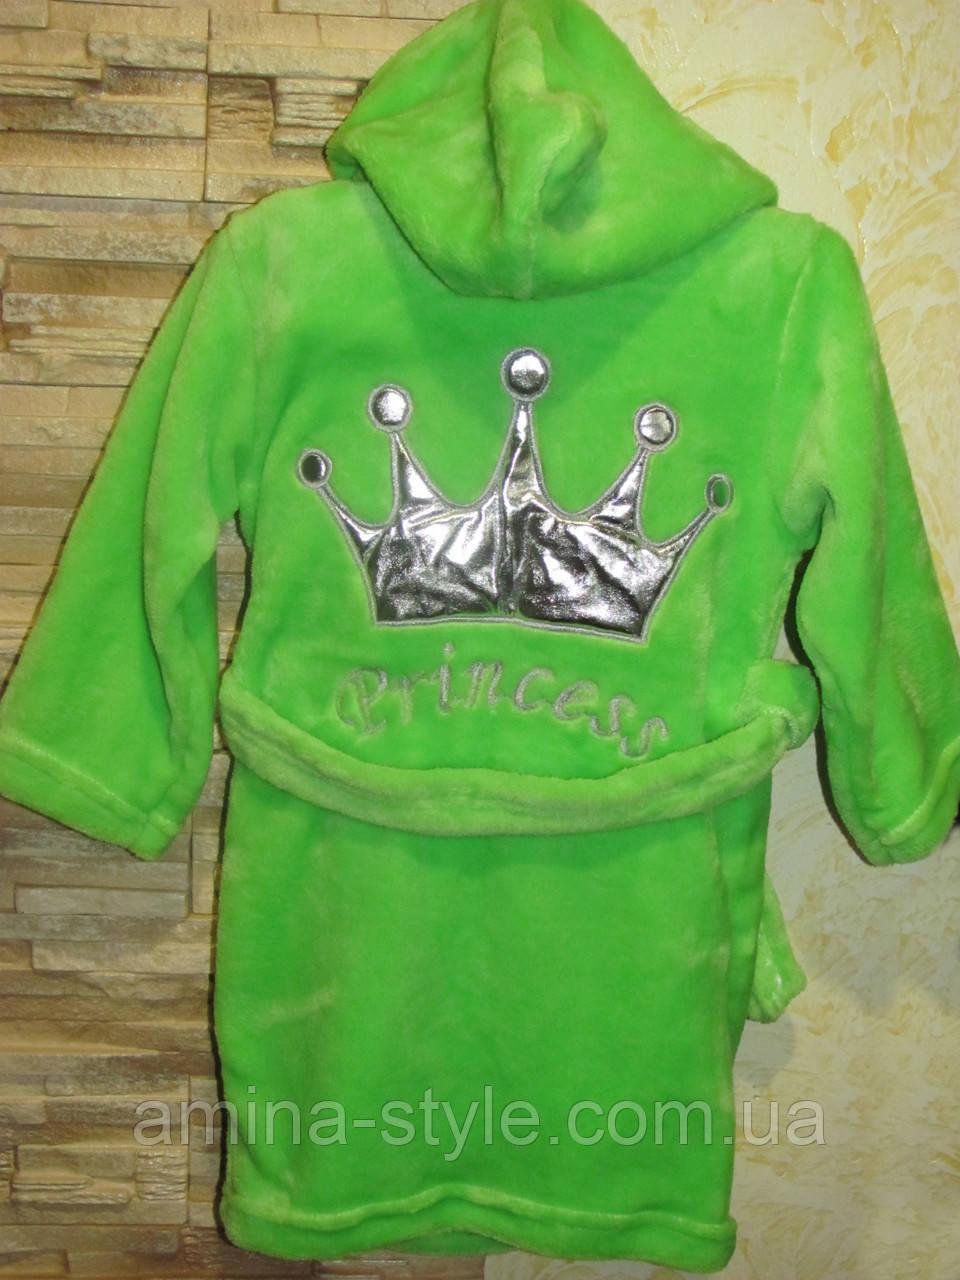 Детский махровый халат Princess подросток, размер 36(122-128см)